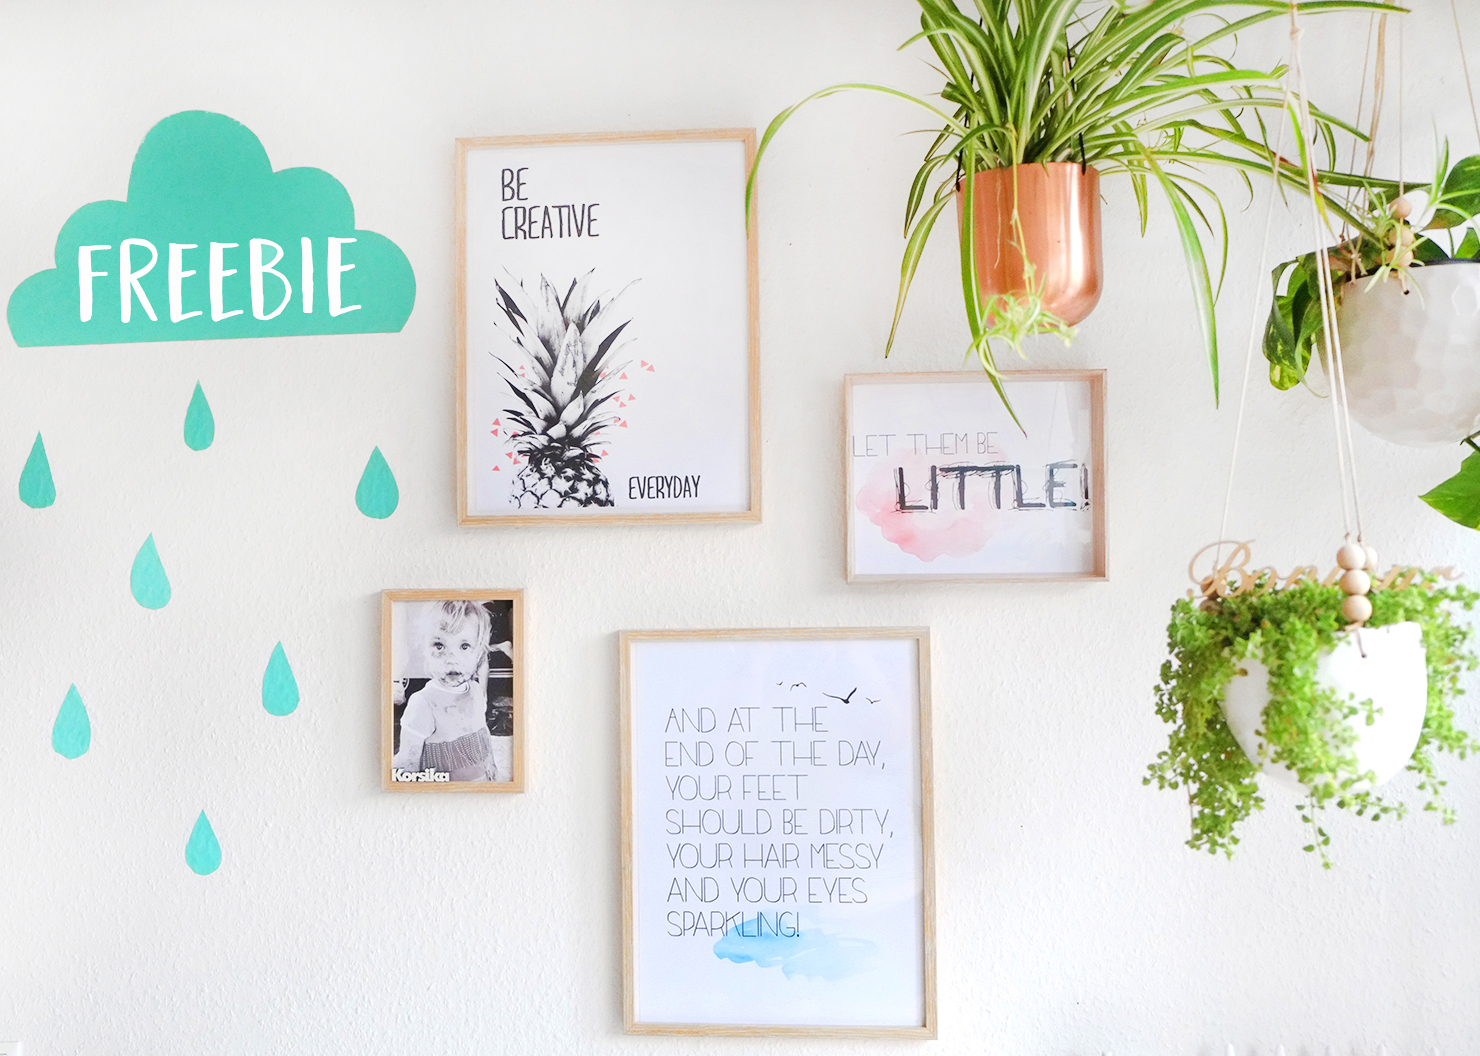 Eine neue Kindermalecke + drei Poster-Freebies!